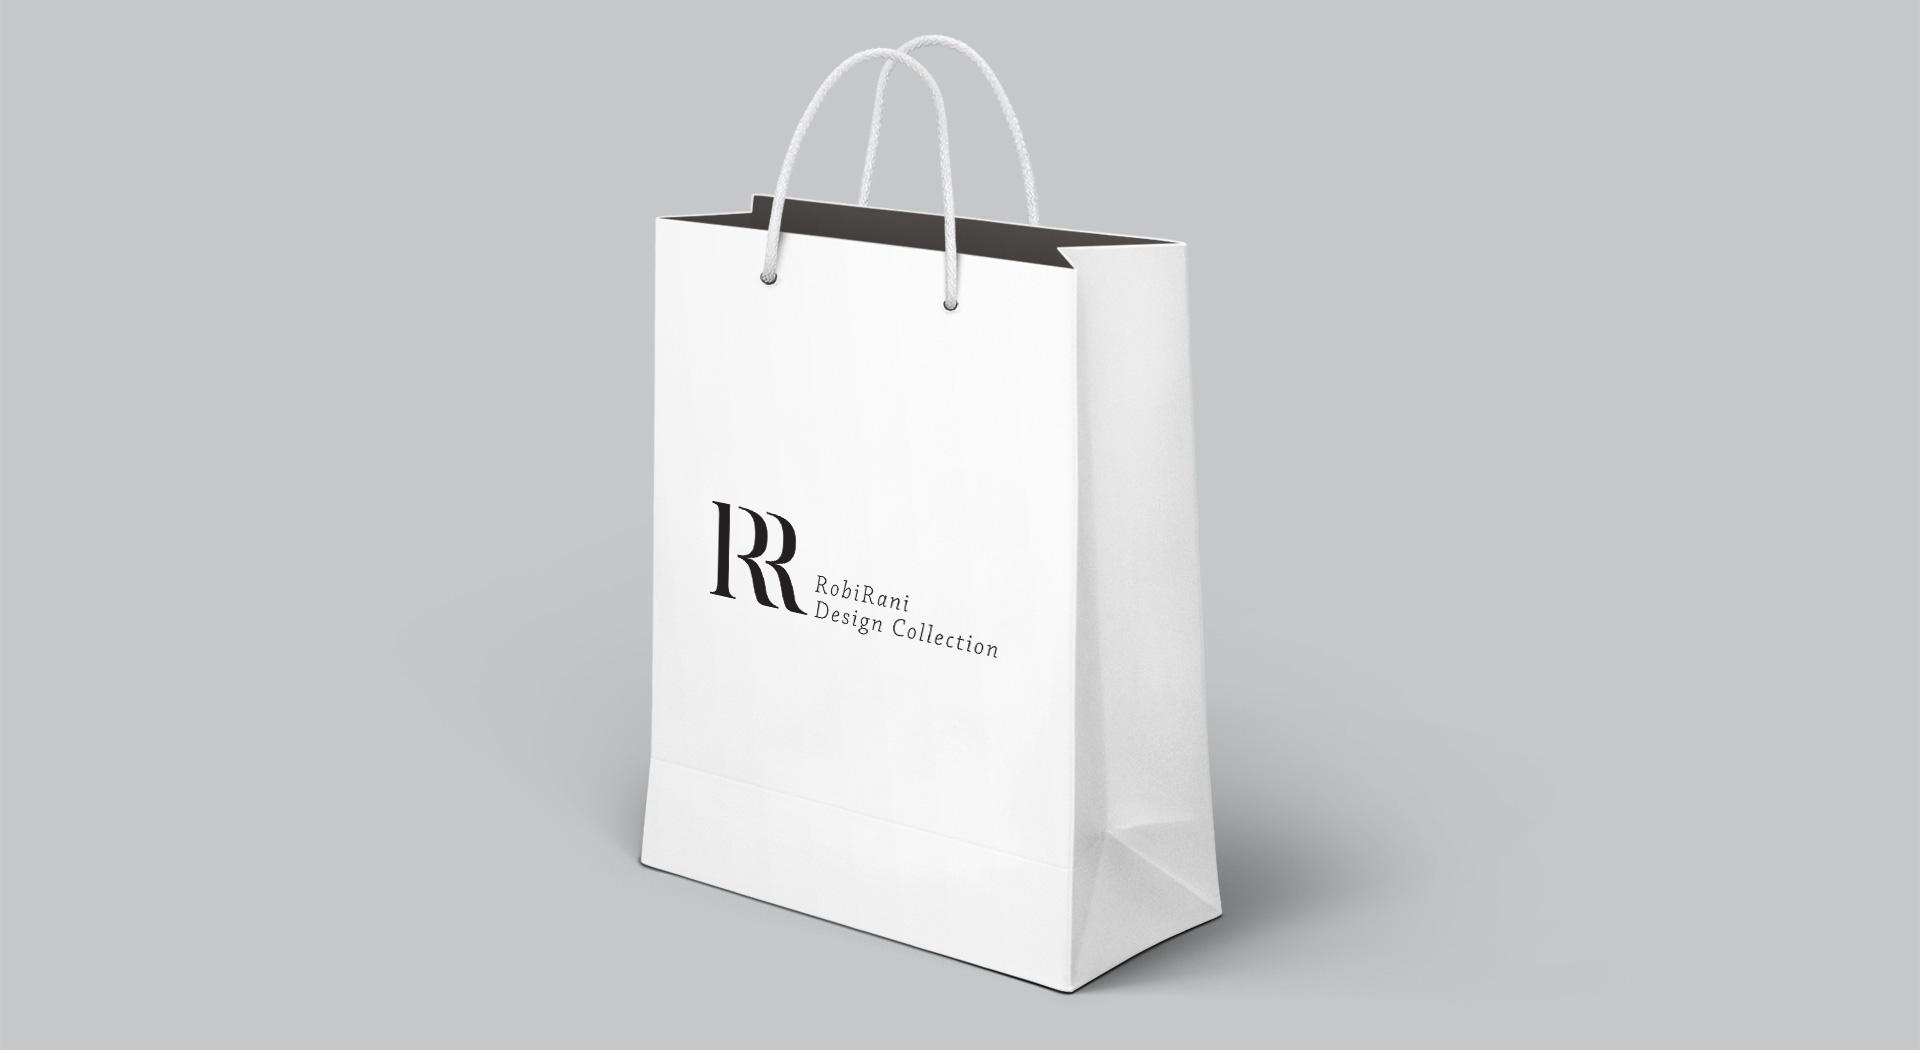 הדמיית חבילת מיתוג רובי ראני